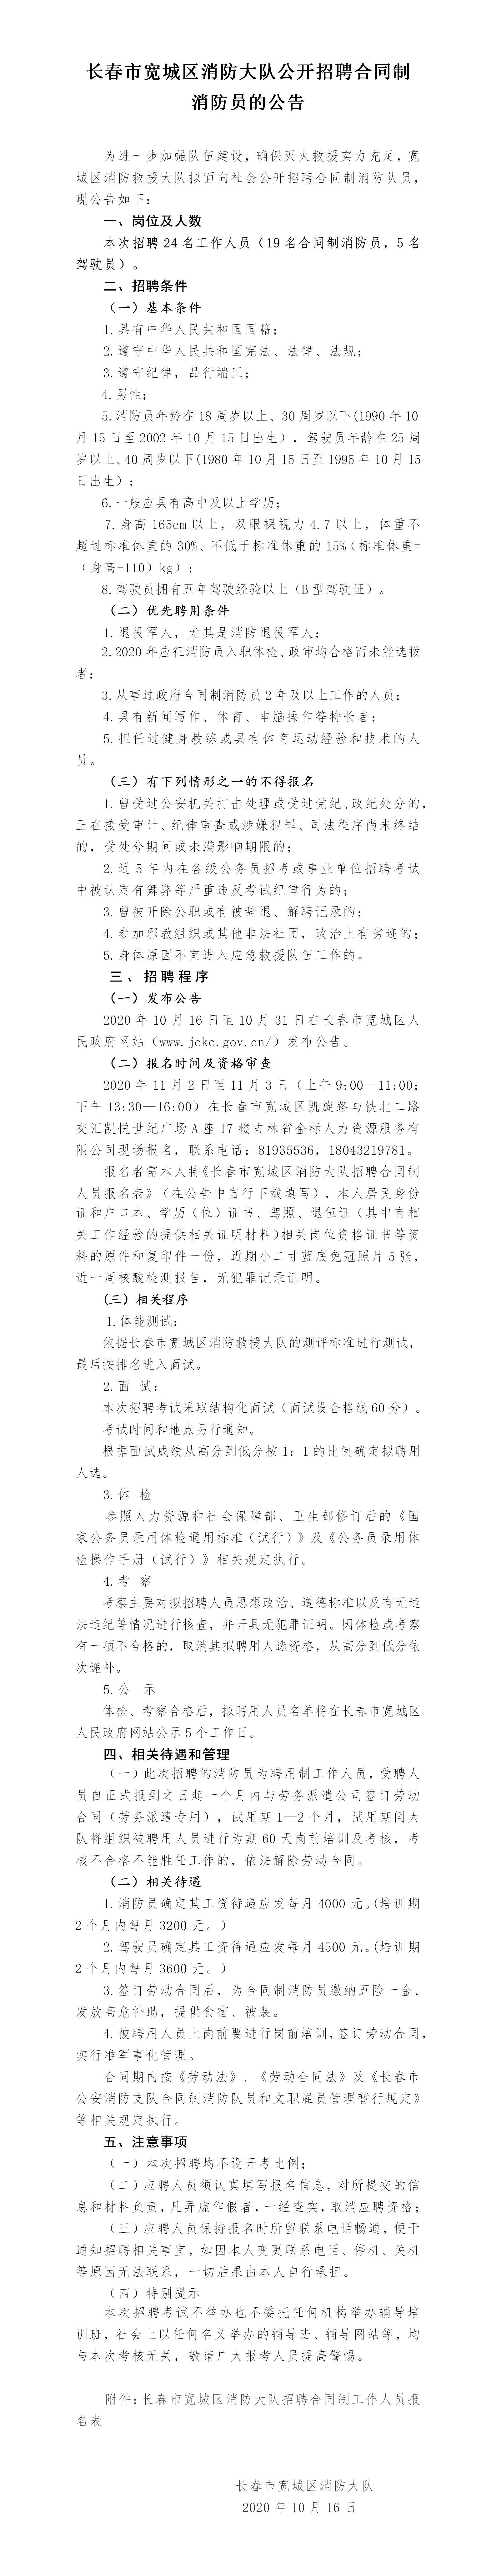 吉林长春市宽城区消防大队招聘合同制消防员24人公告